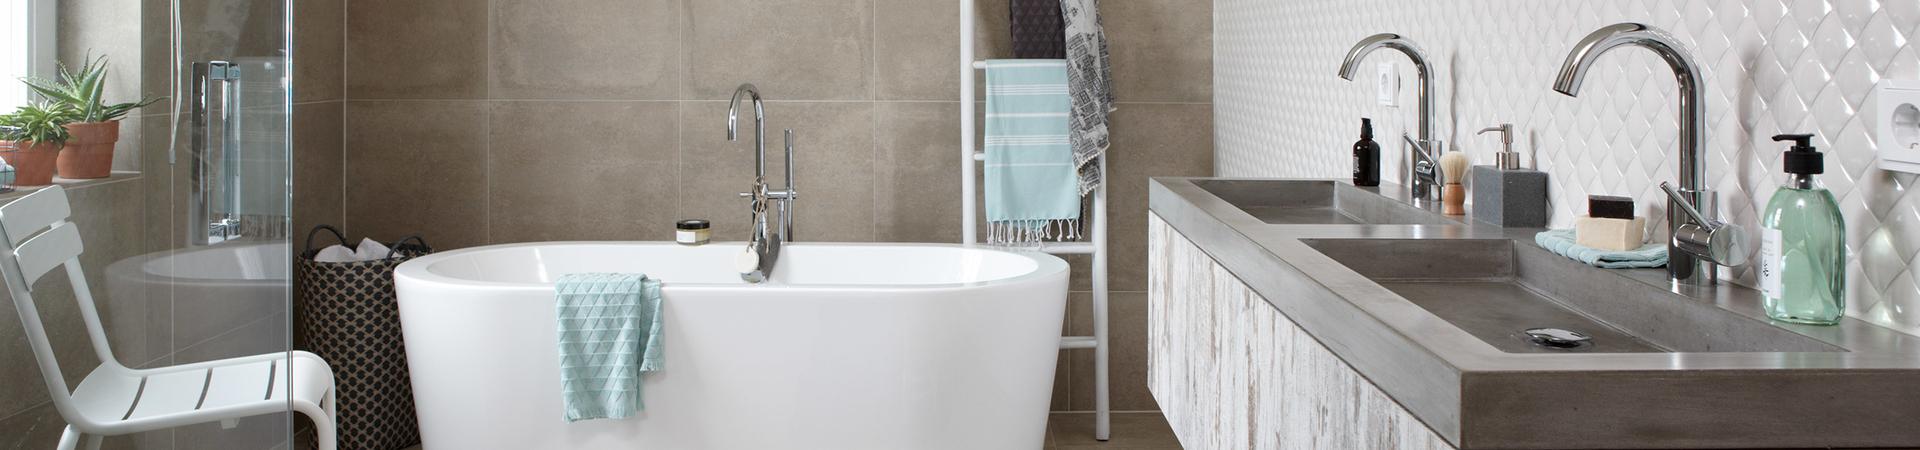 Verwijst Badkamers - Verwijst Badkamers